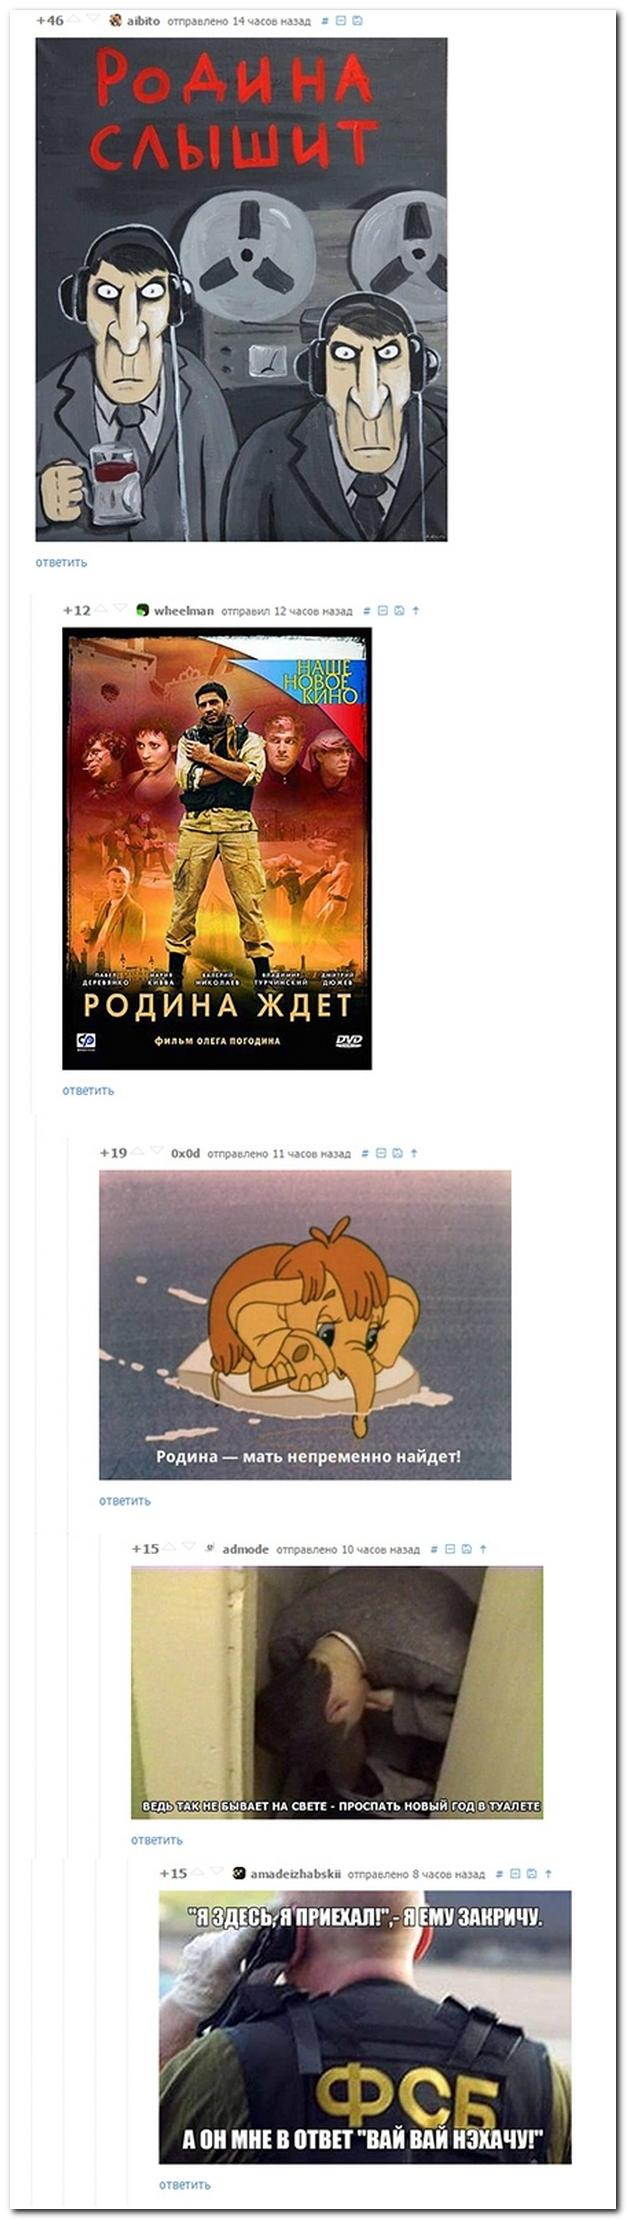 Смешные комментарии из социальных сетей от 07-01-2015